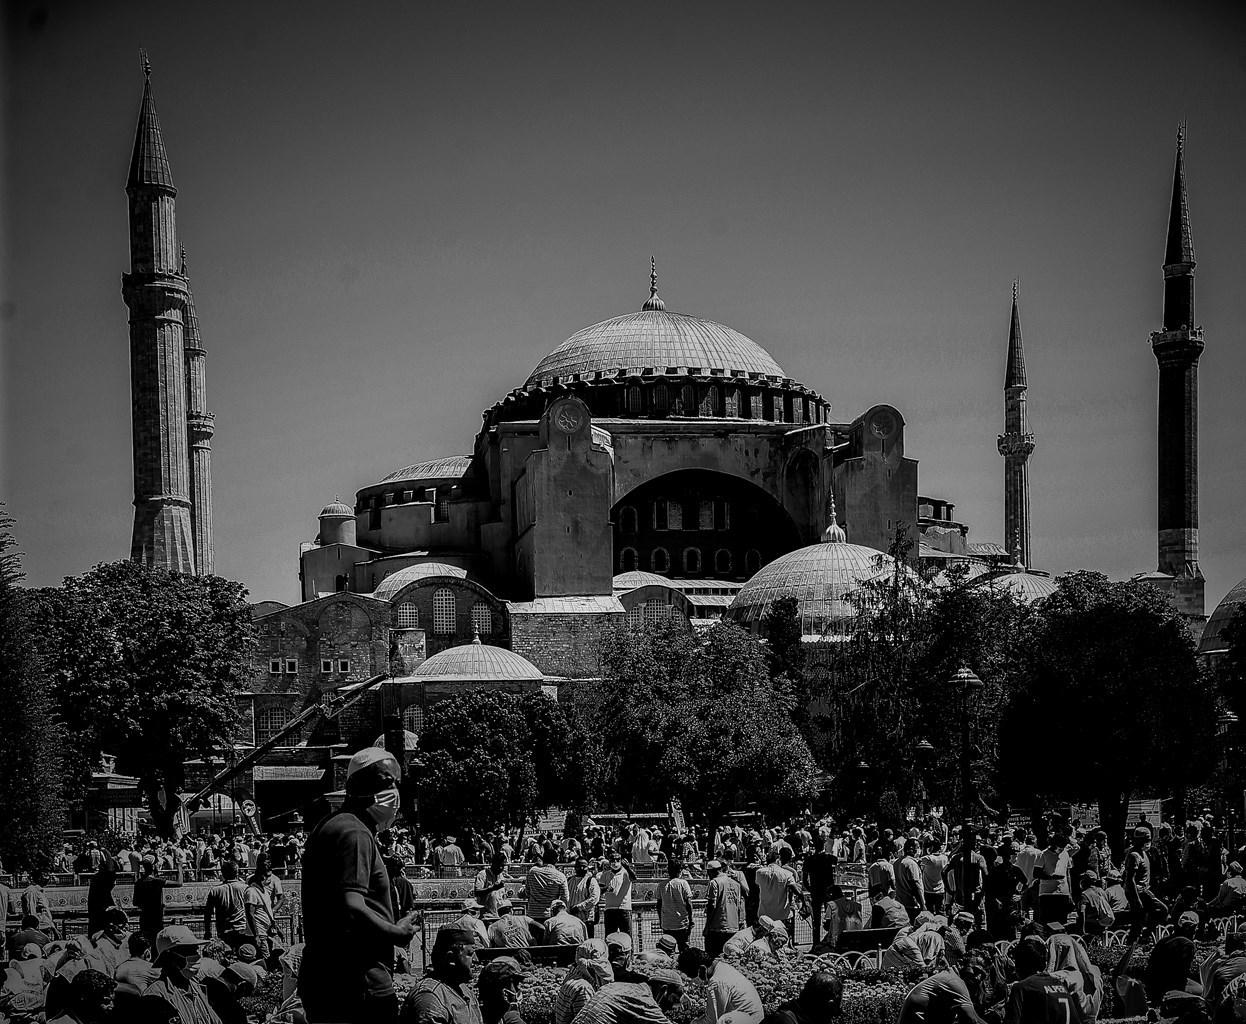 Κύμα αντιδράσεων για την Αγία Σοφία - Πένθιμες καμπάνες στις εκκλησίες της Ελλάδας | ΕΘΝΙΚΑ ΘΕΜΑΤΑ | Ορθοδοξία | orthodoxia.online | Αγία Σοφία | Αγία Σοφία | ΕΘΝΙΚΑ ΘΕΜΑΤΑ | Ορθοδοξία | orthodoxia.online